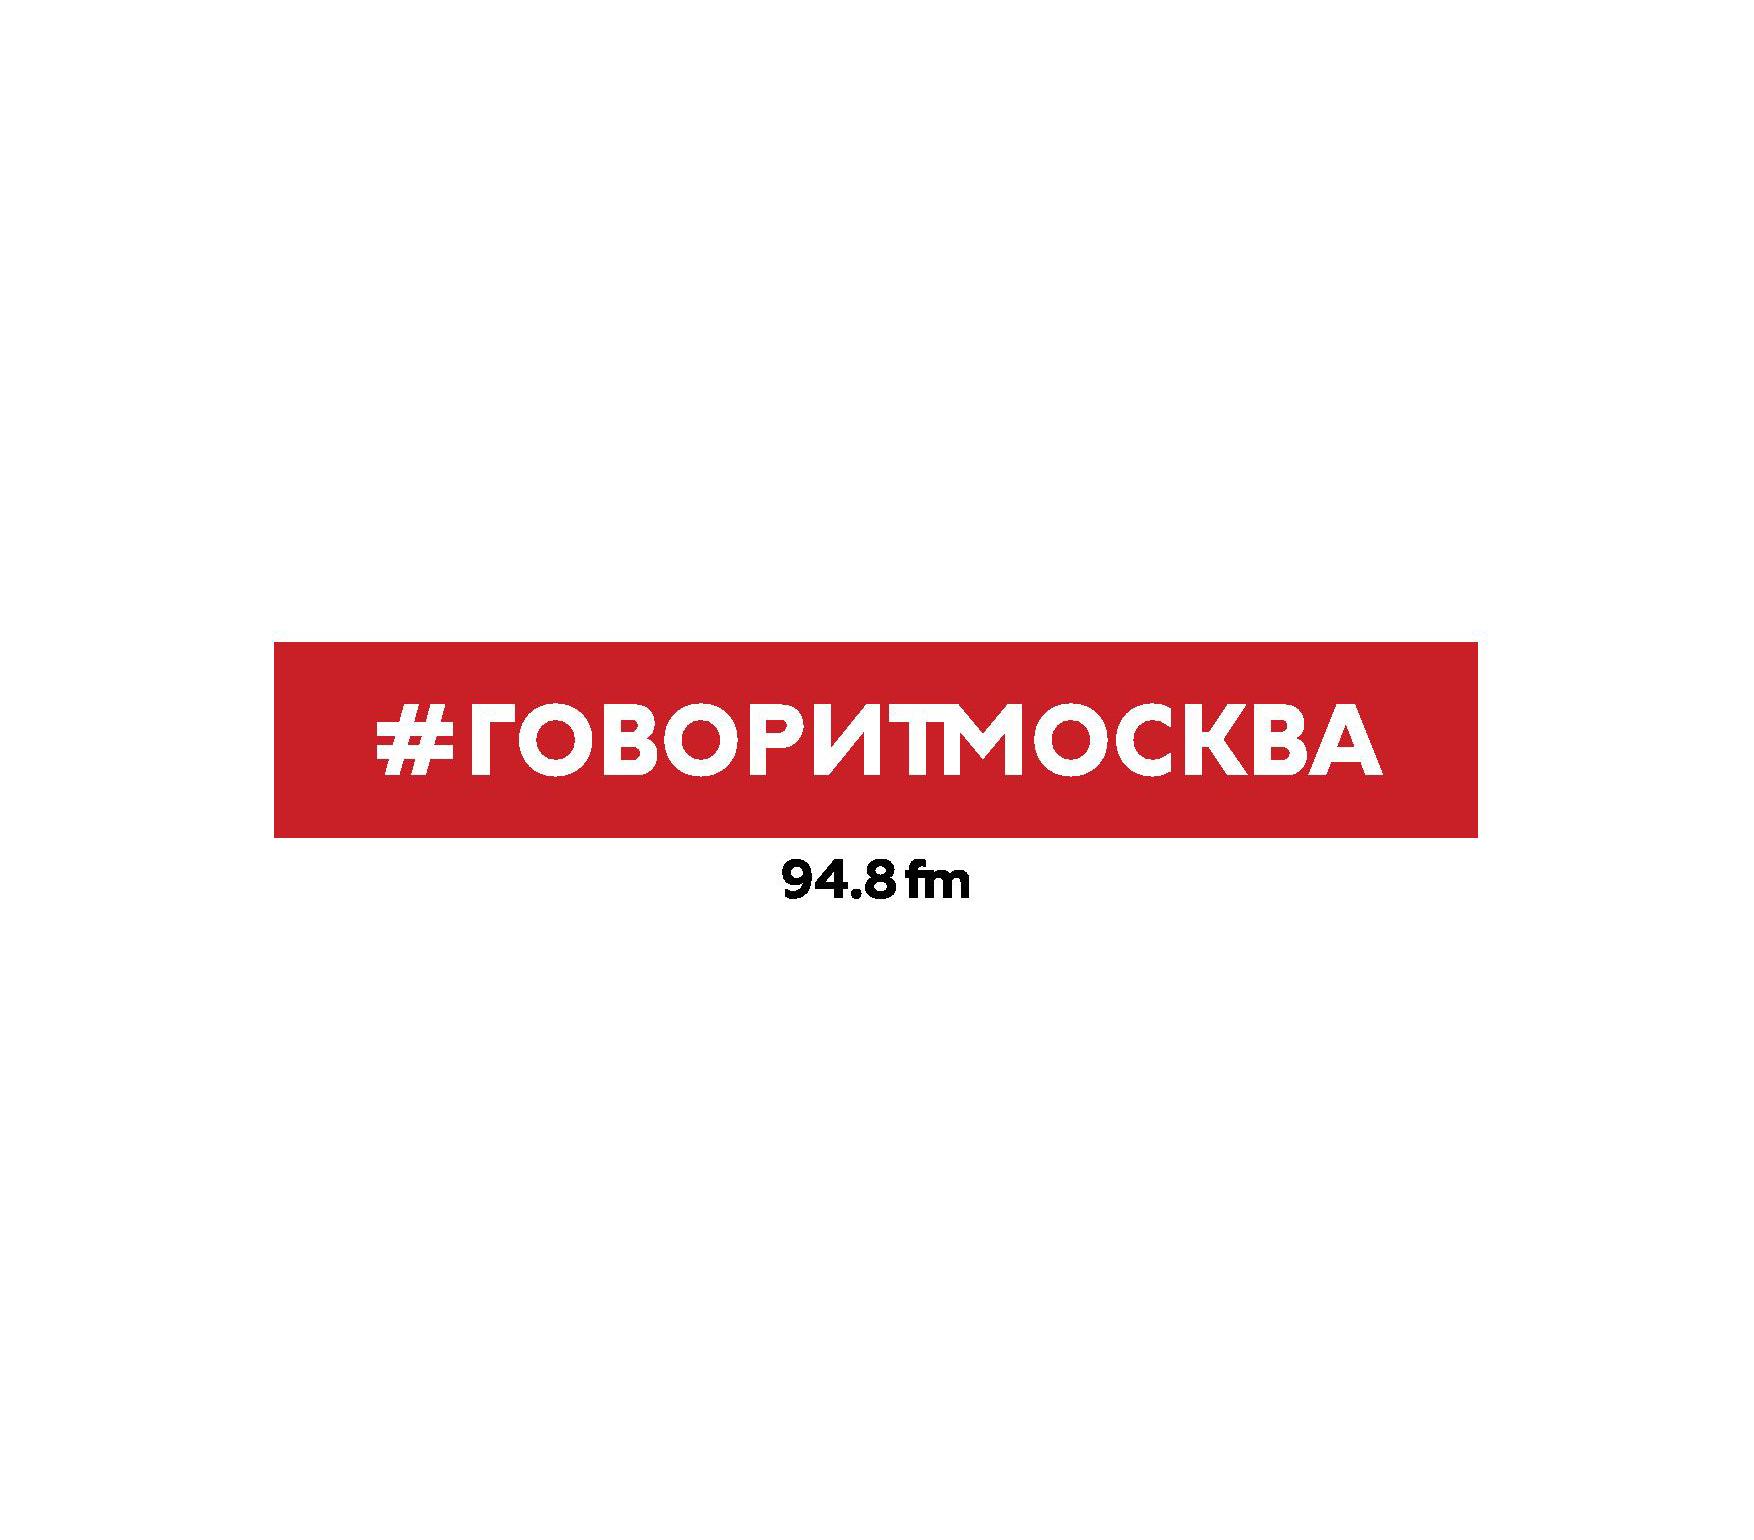 Макс Челноков 26 марта. Анатолий Вассерман макс челноков 4 марта ульрих хайден